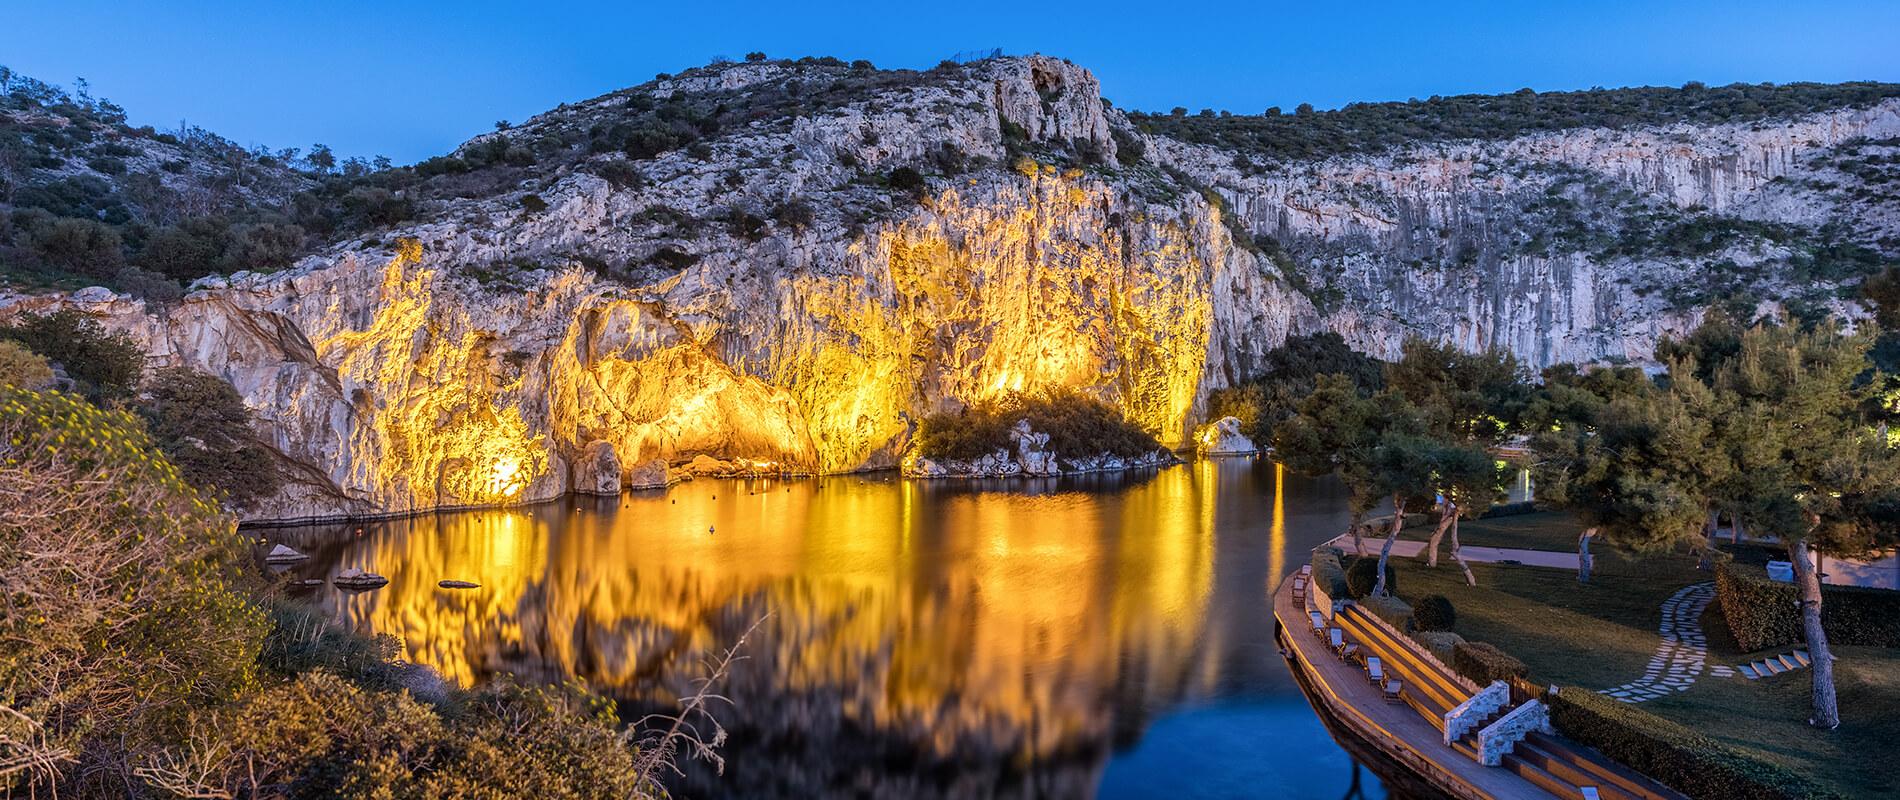 Lago Vouliagmeni, autentica meraviglia dalle acque miracolose